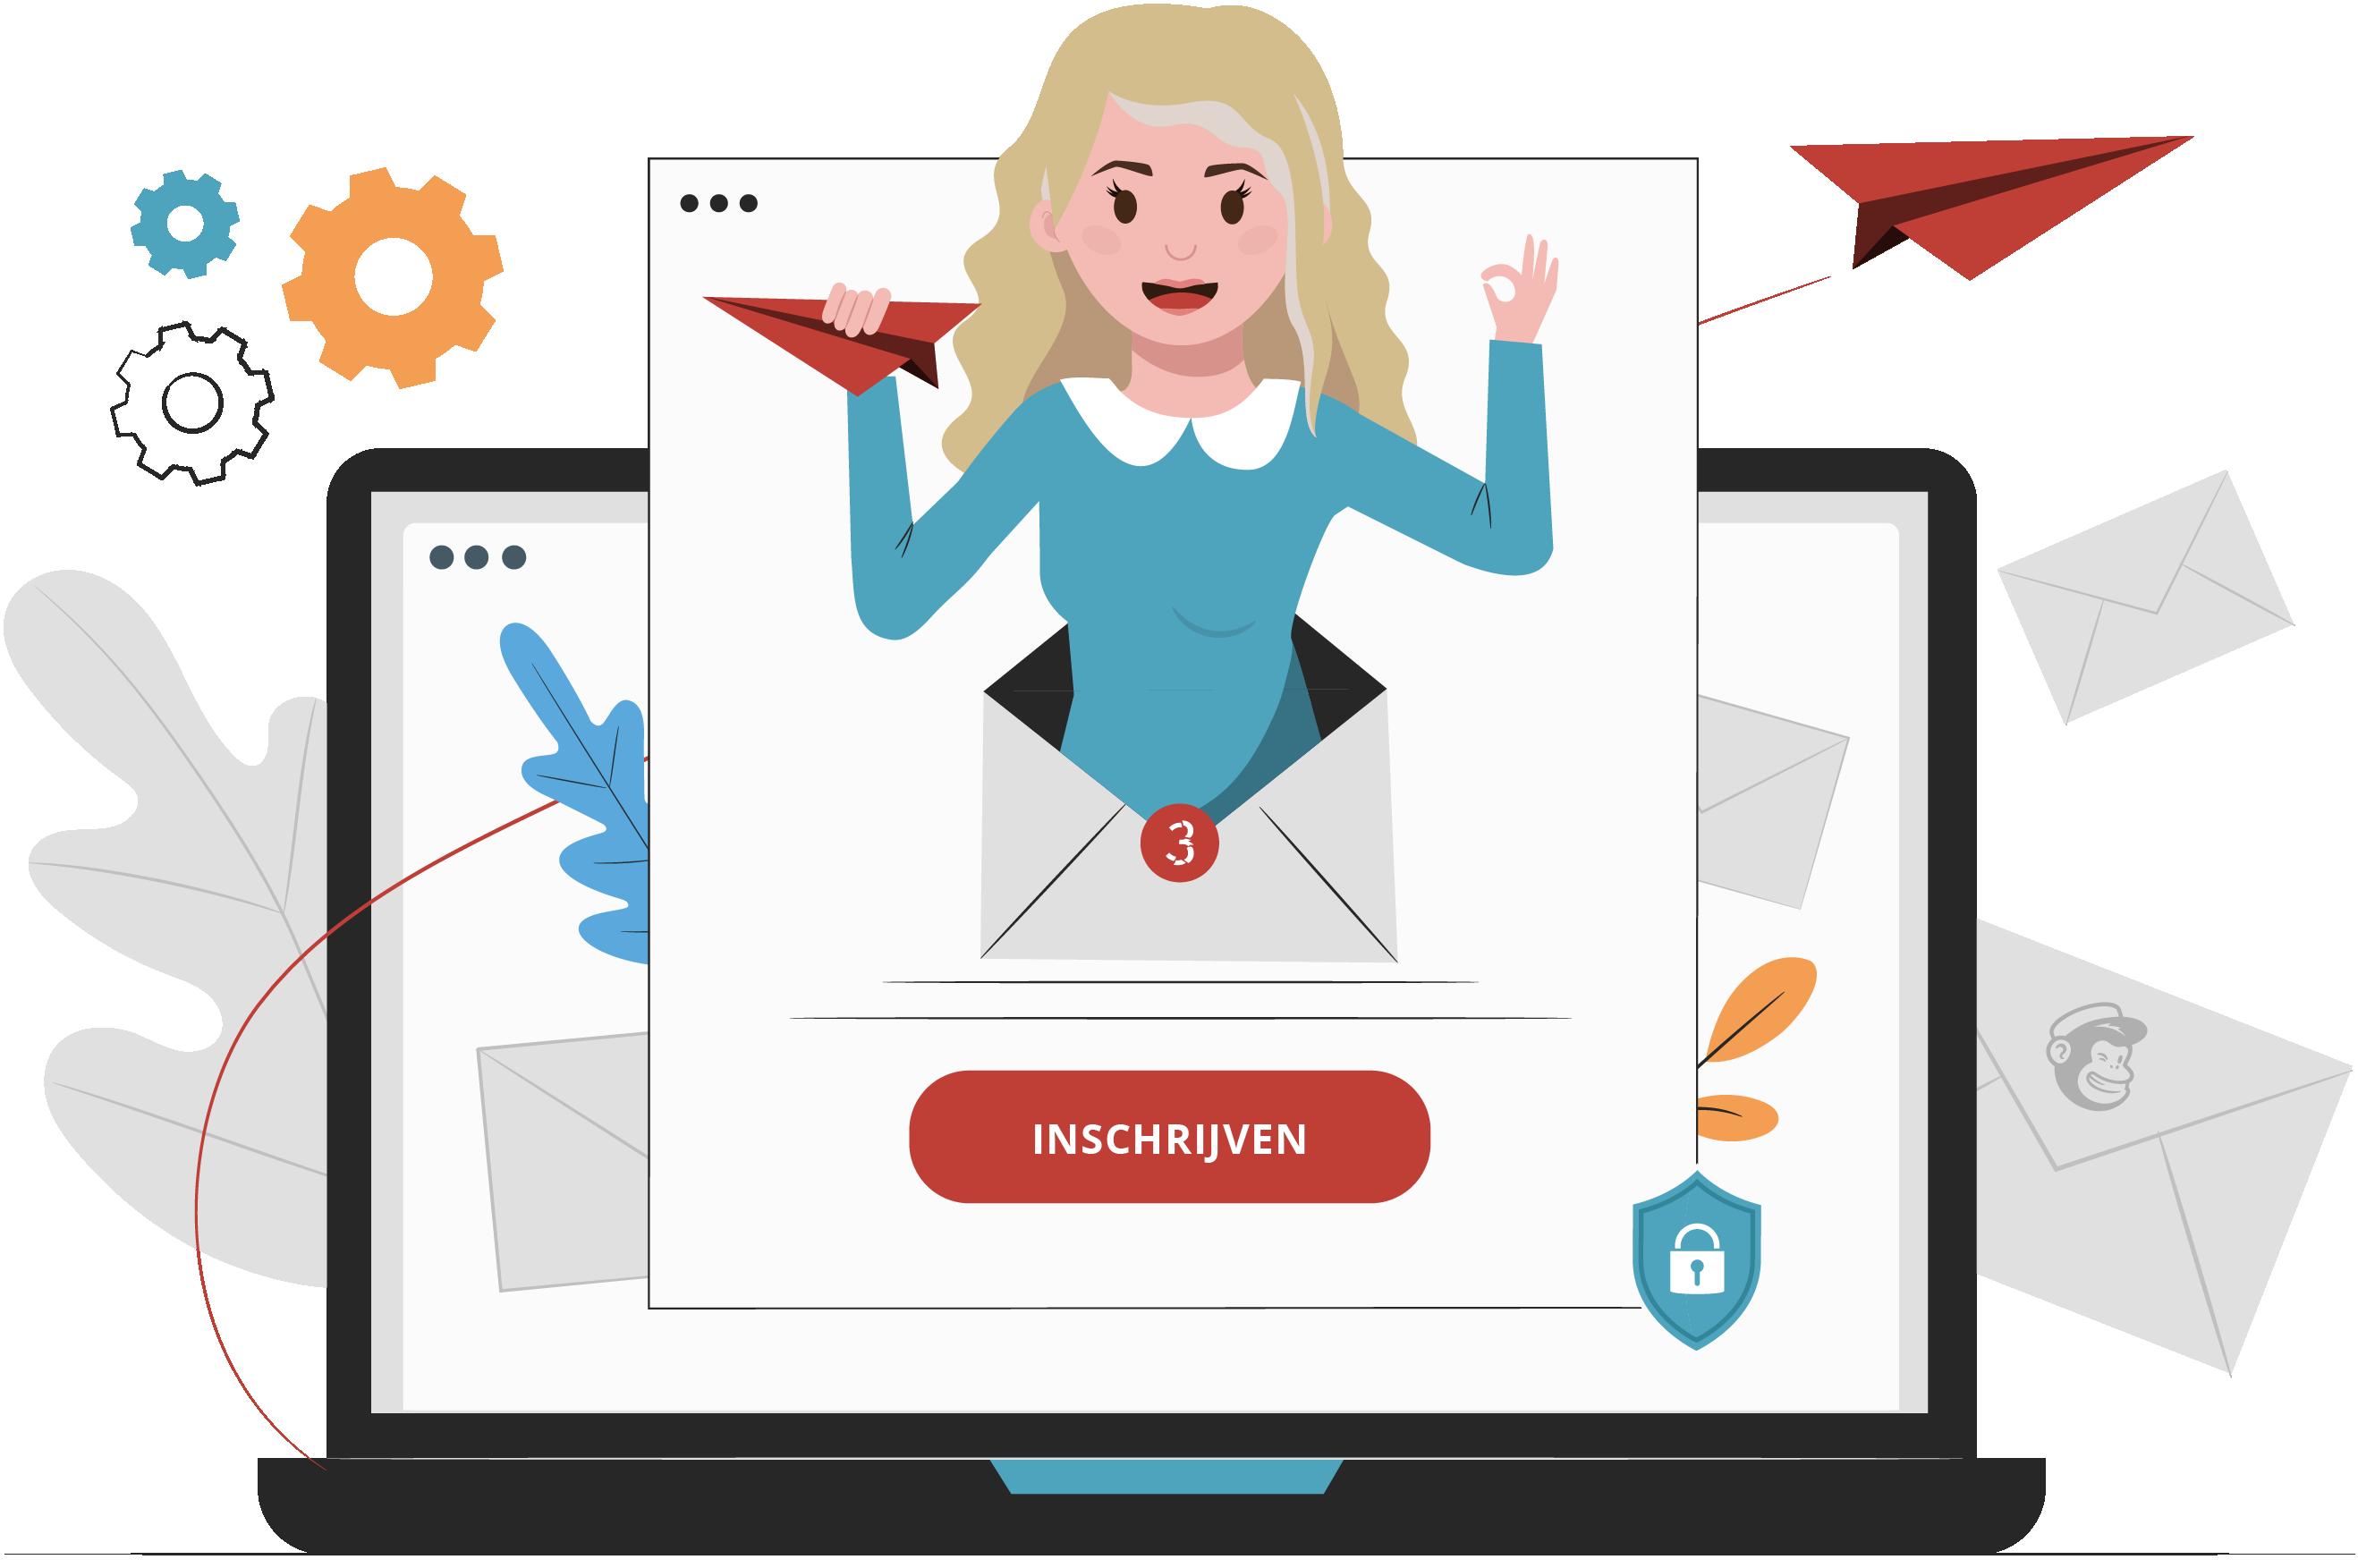 jessica emailmarketing online marketing mailchimp